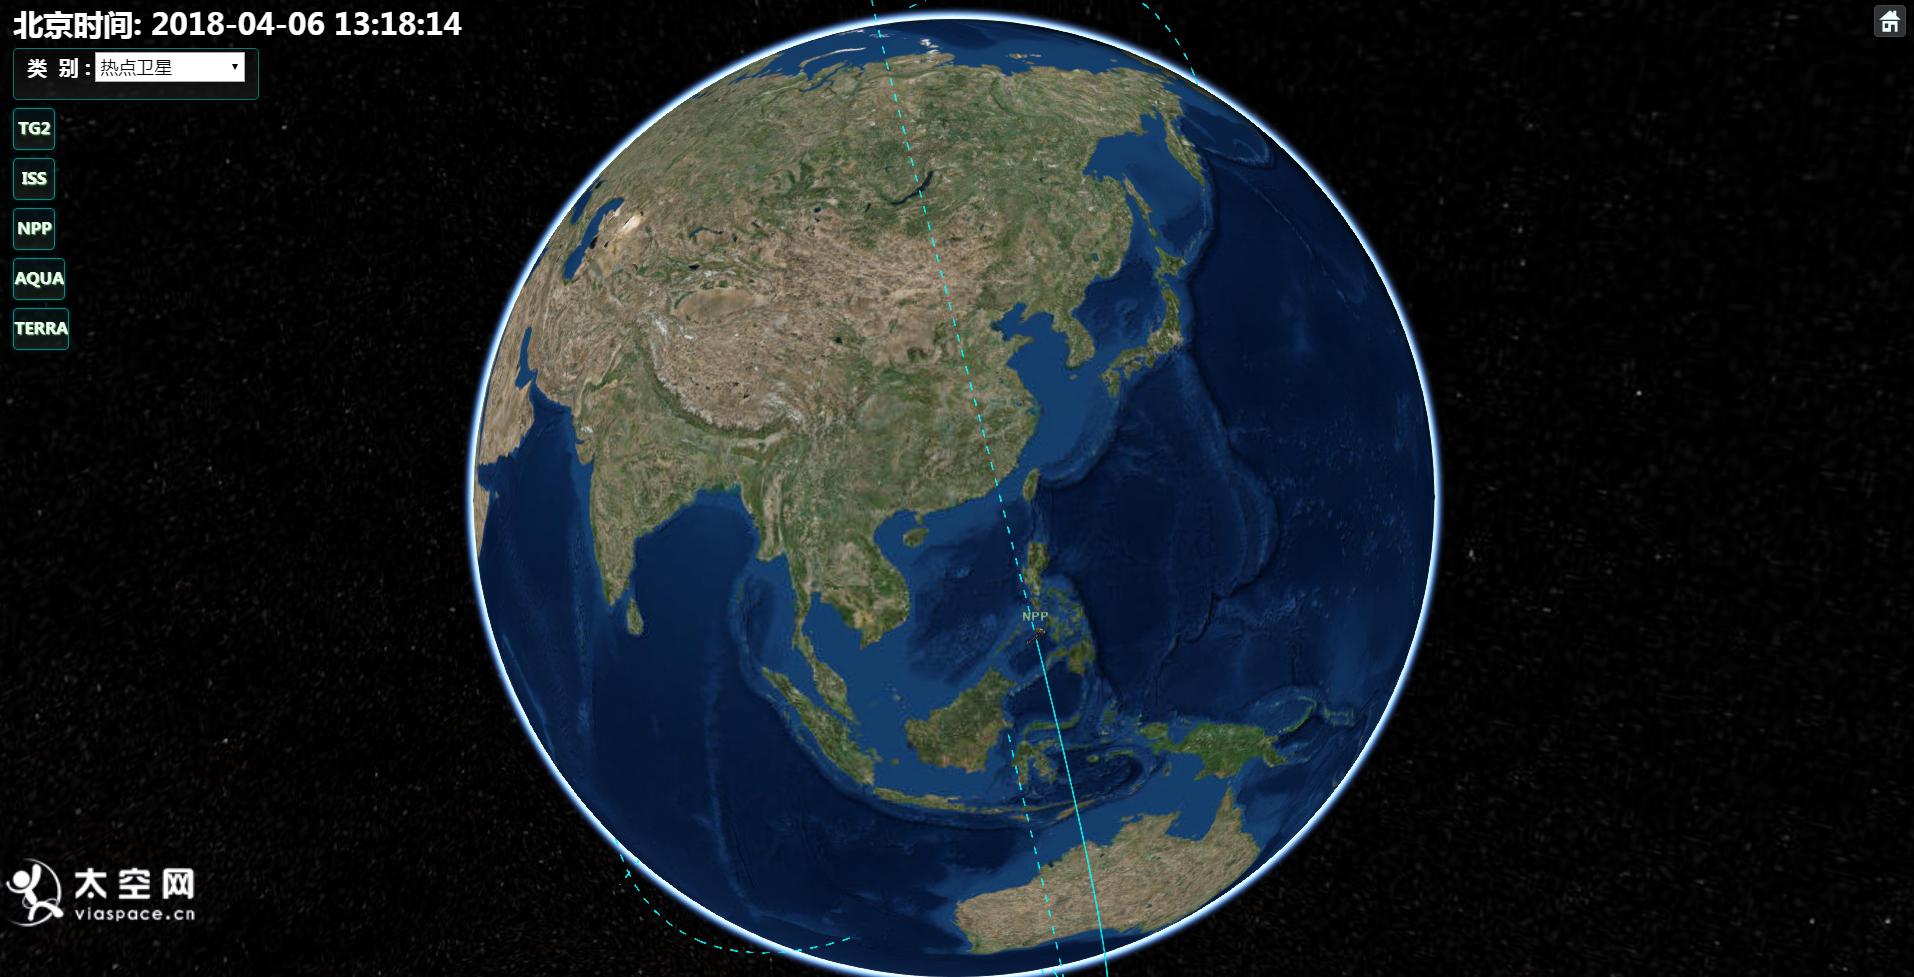 在轨卫星实时追踪